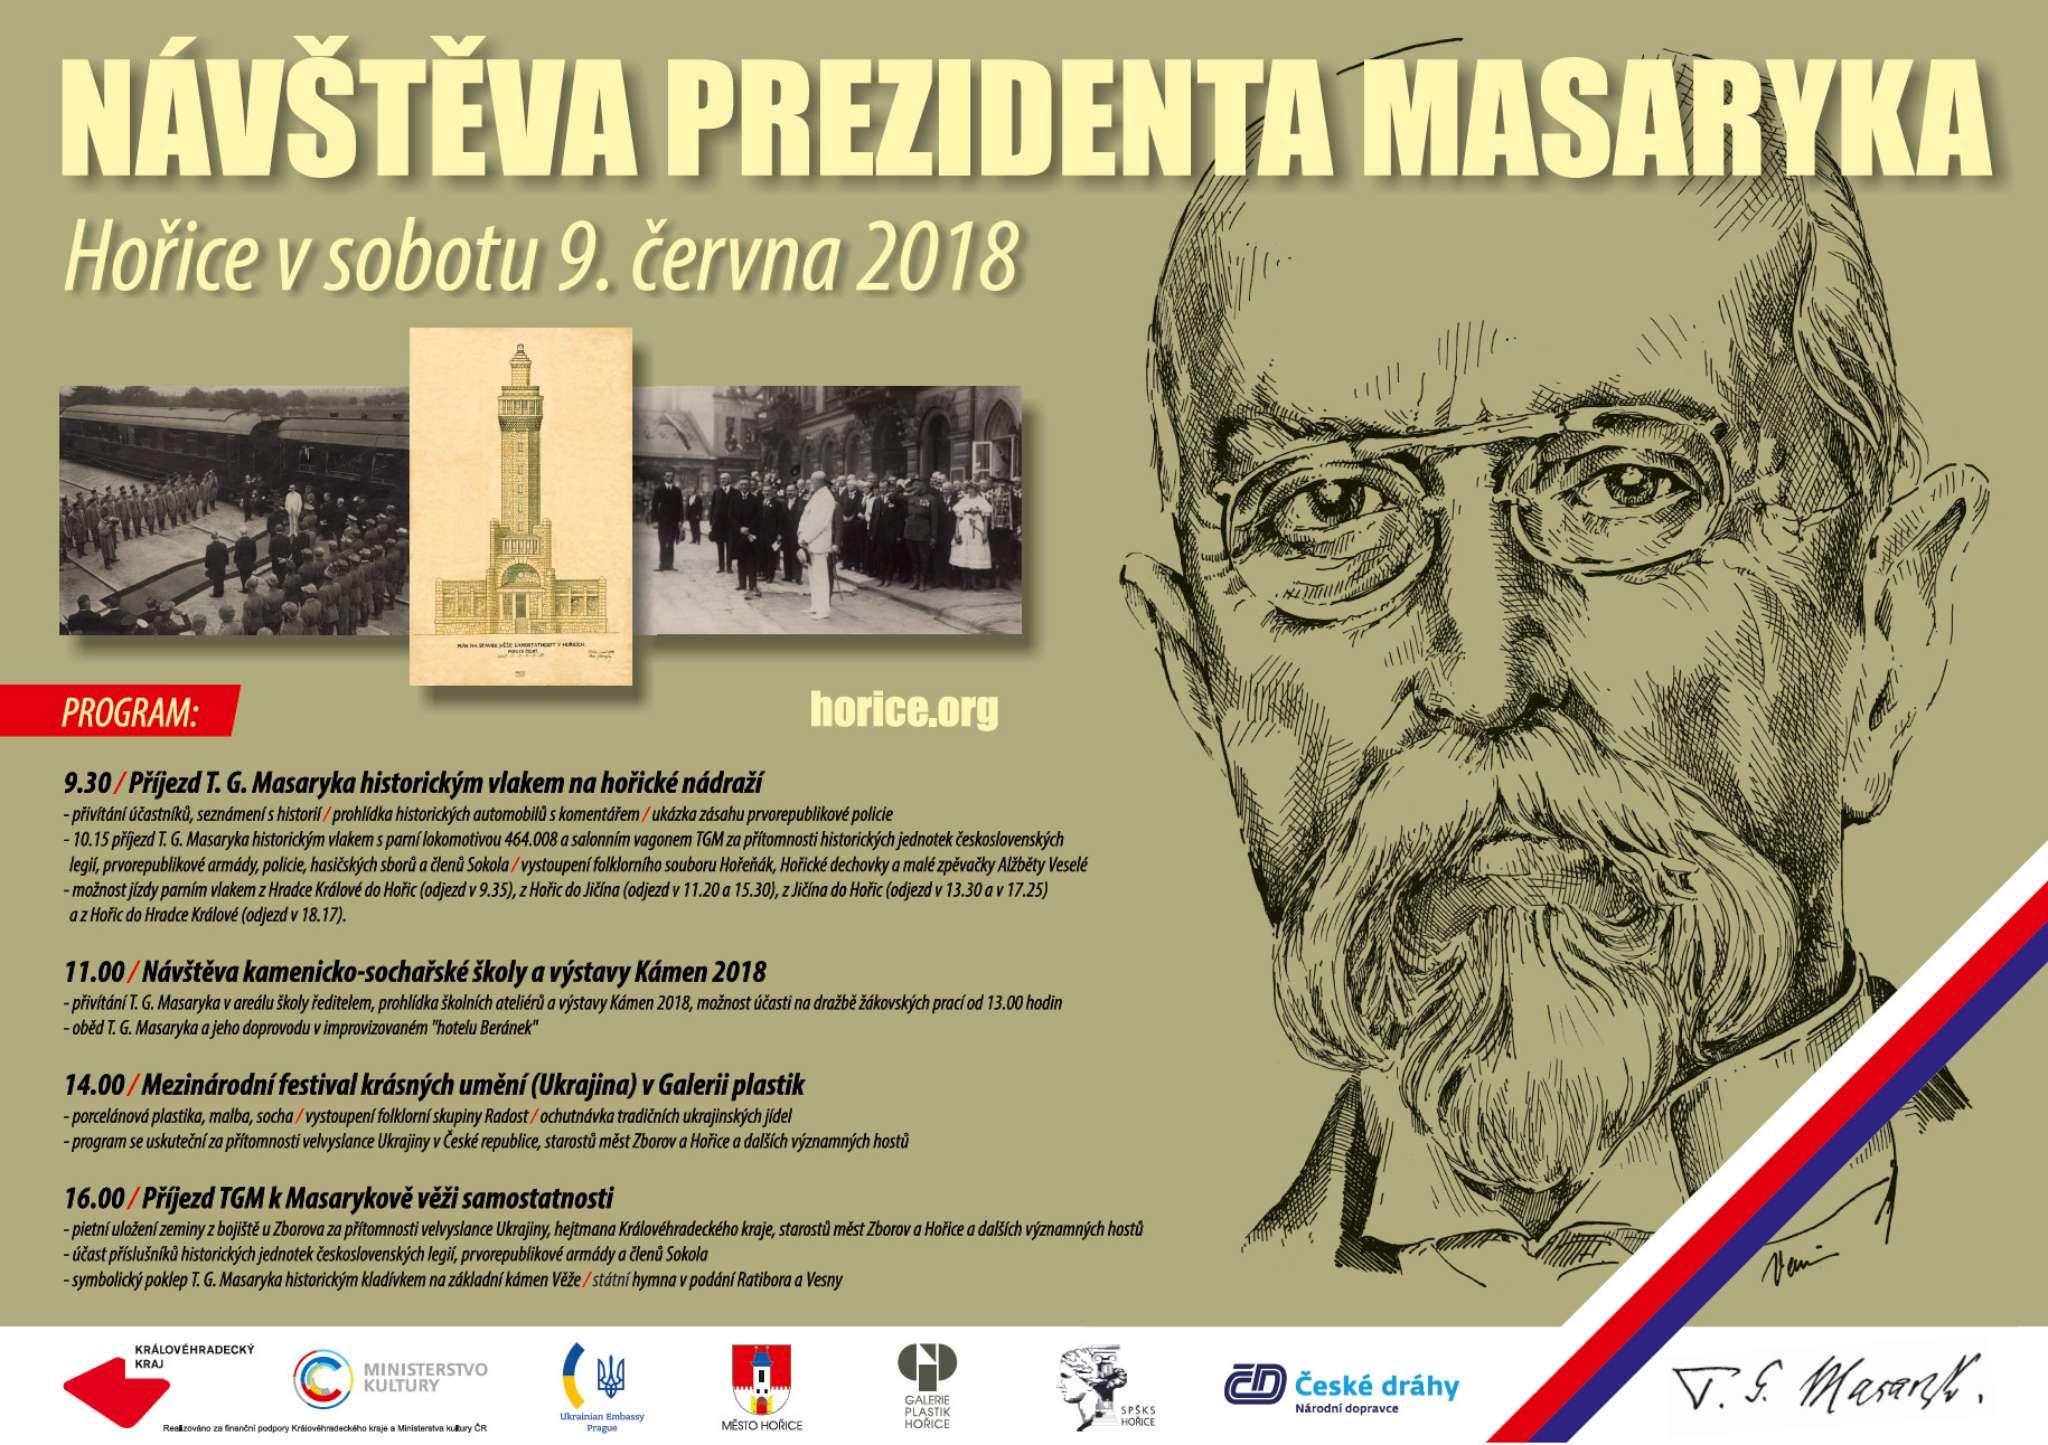 navsteva-prezidenta-masaryka-horice-9-cervna-2018